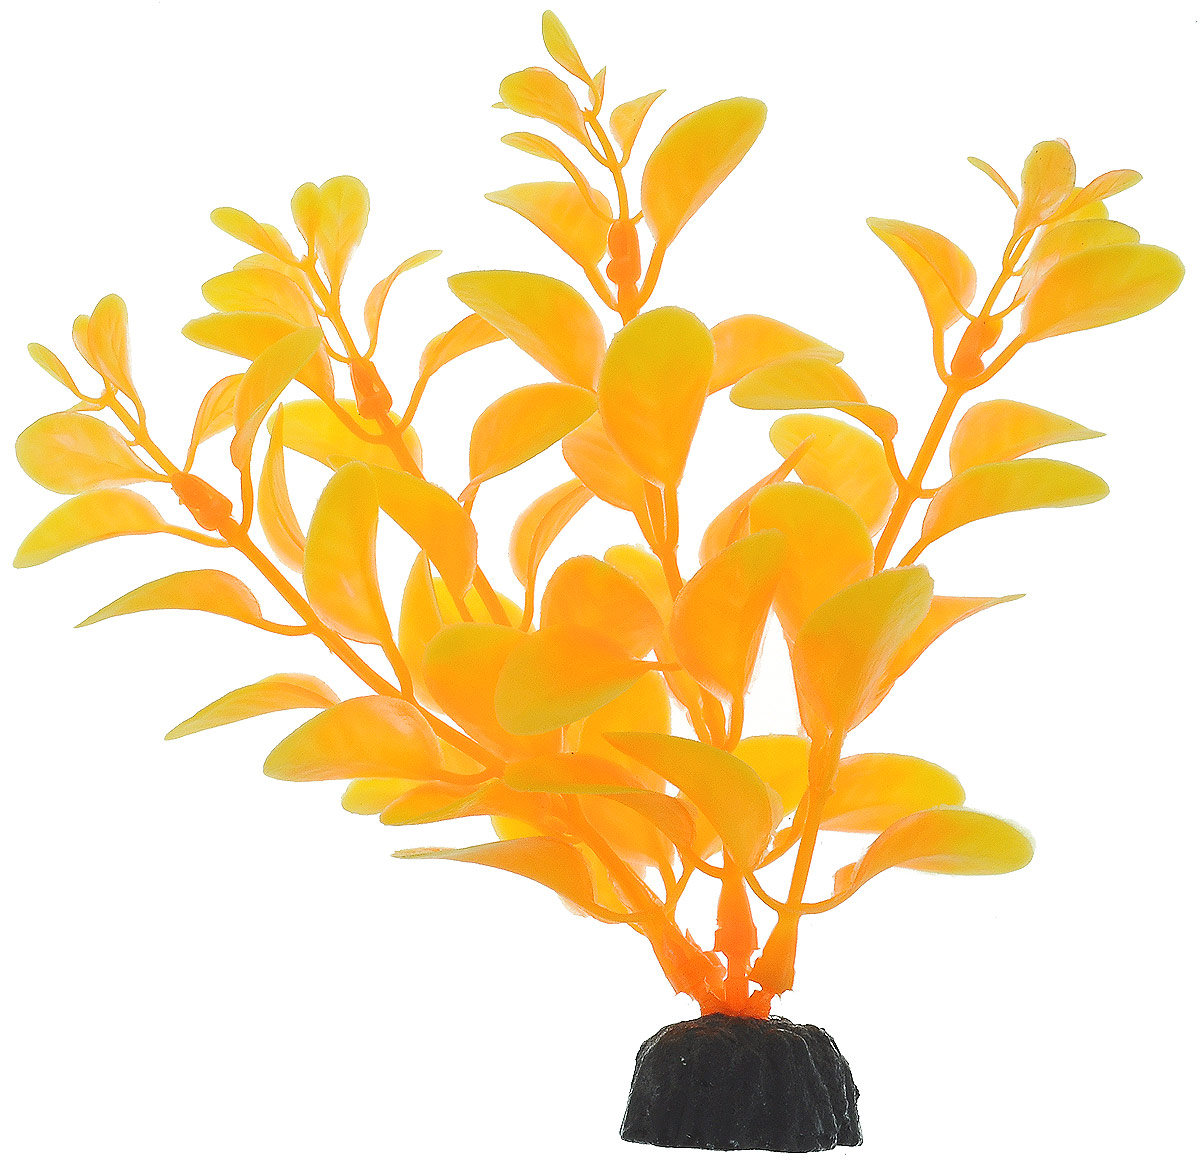 Растение для аквариума Barbus Людвигия, пластиковое, цвет: желто-оранжевый, высота 10 смPlant 012/10Растение для аквариума Barbus Людвигия, выполненное из качественного пластика, станет оригинальным украшением вашего аквариума. Пластиковое растение идеально подходит для дизайна всех видов аквариумов. Оно абсолютно безопасно, не токсично, нейтрально к водному балансу, устойчиво к истиранию краски, подходит как для пресноводного, так и для морского аквариума. Растение для аквариума Barbus Людвигия поможет вам смоделировать потрясающий пейзаж на дне вашего аквариума или террариума. Высота растения: 10 см.